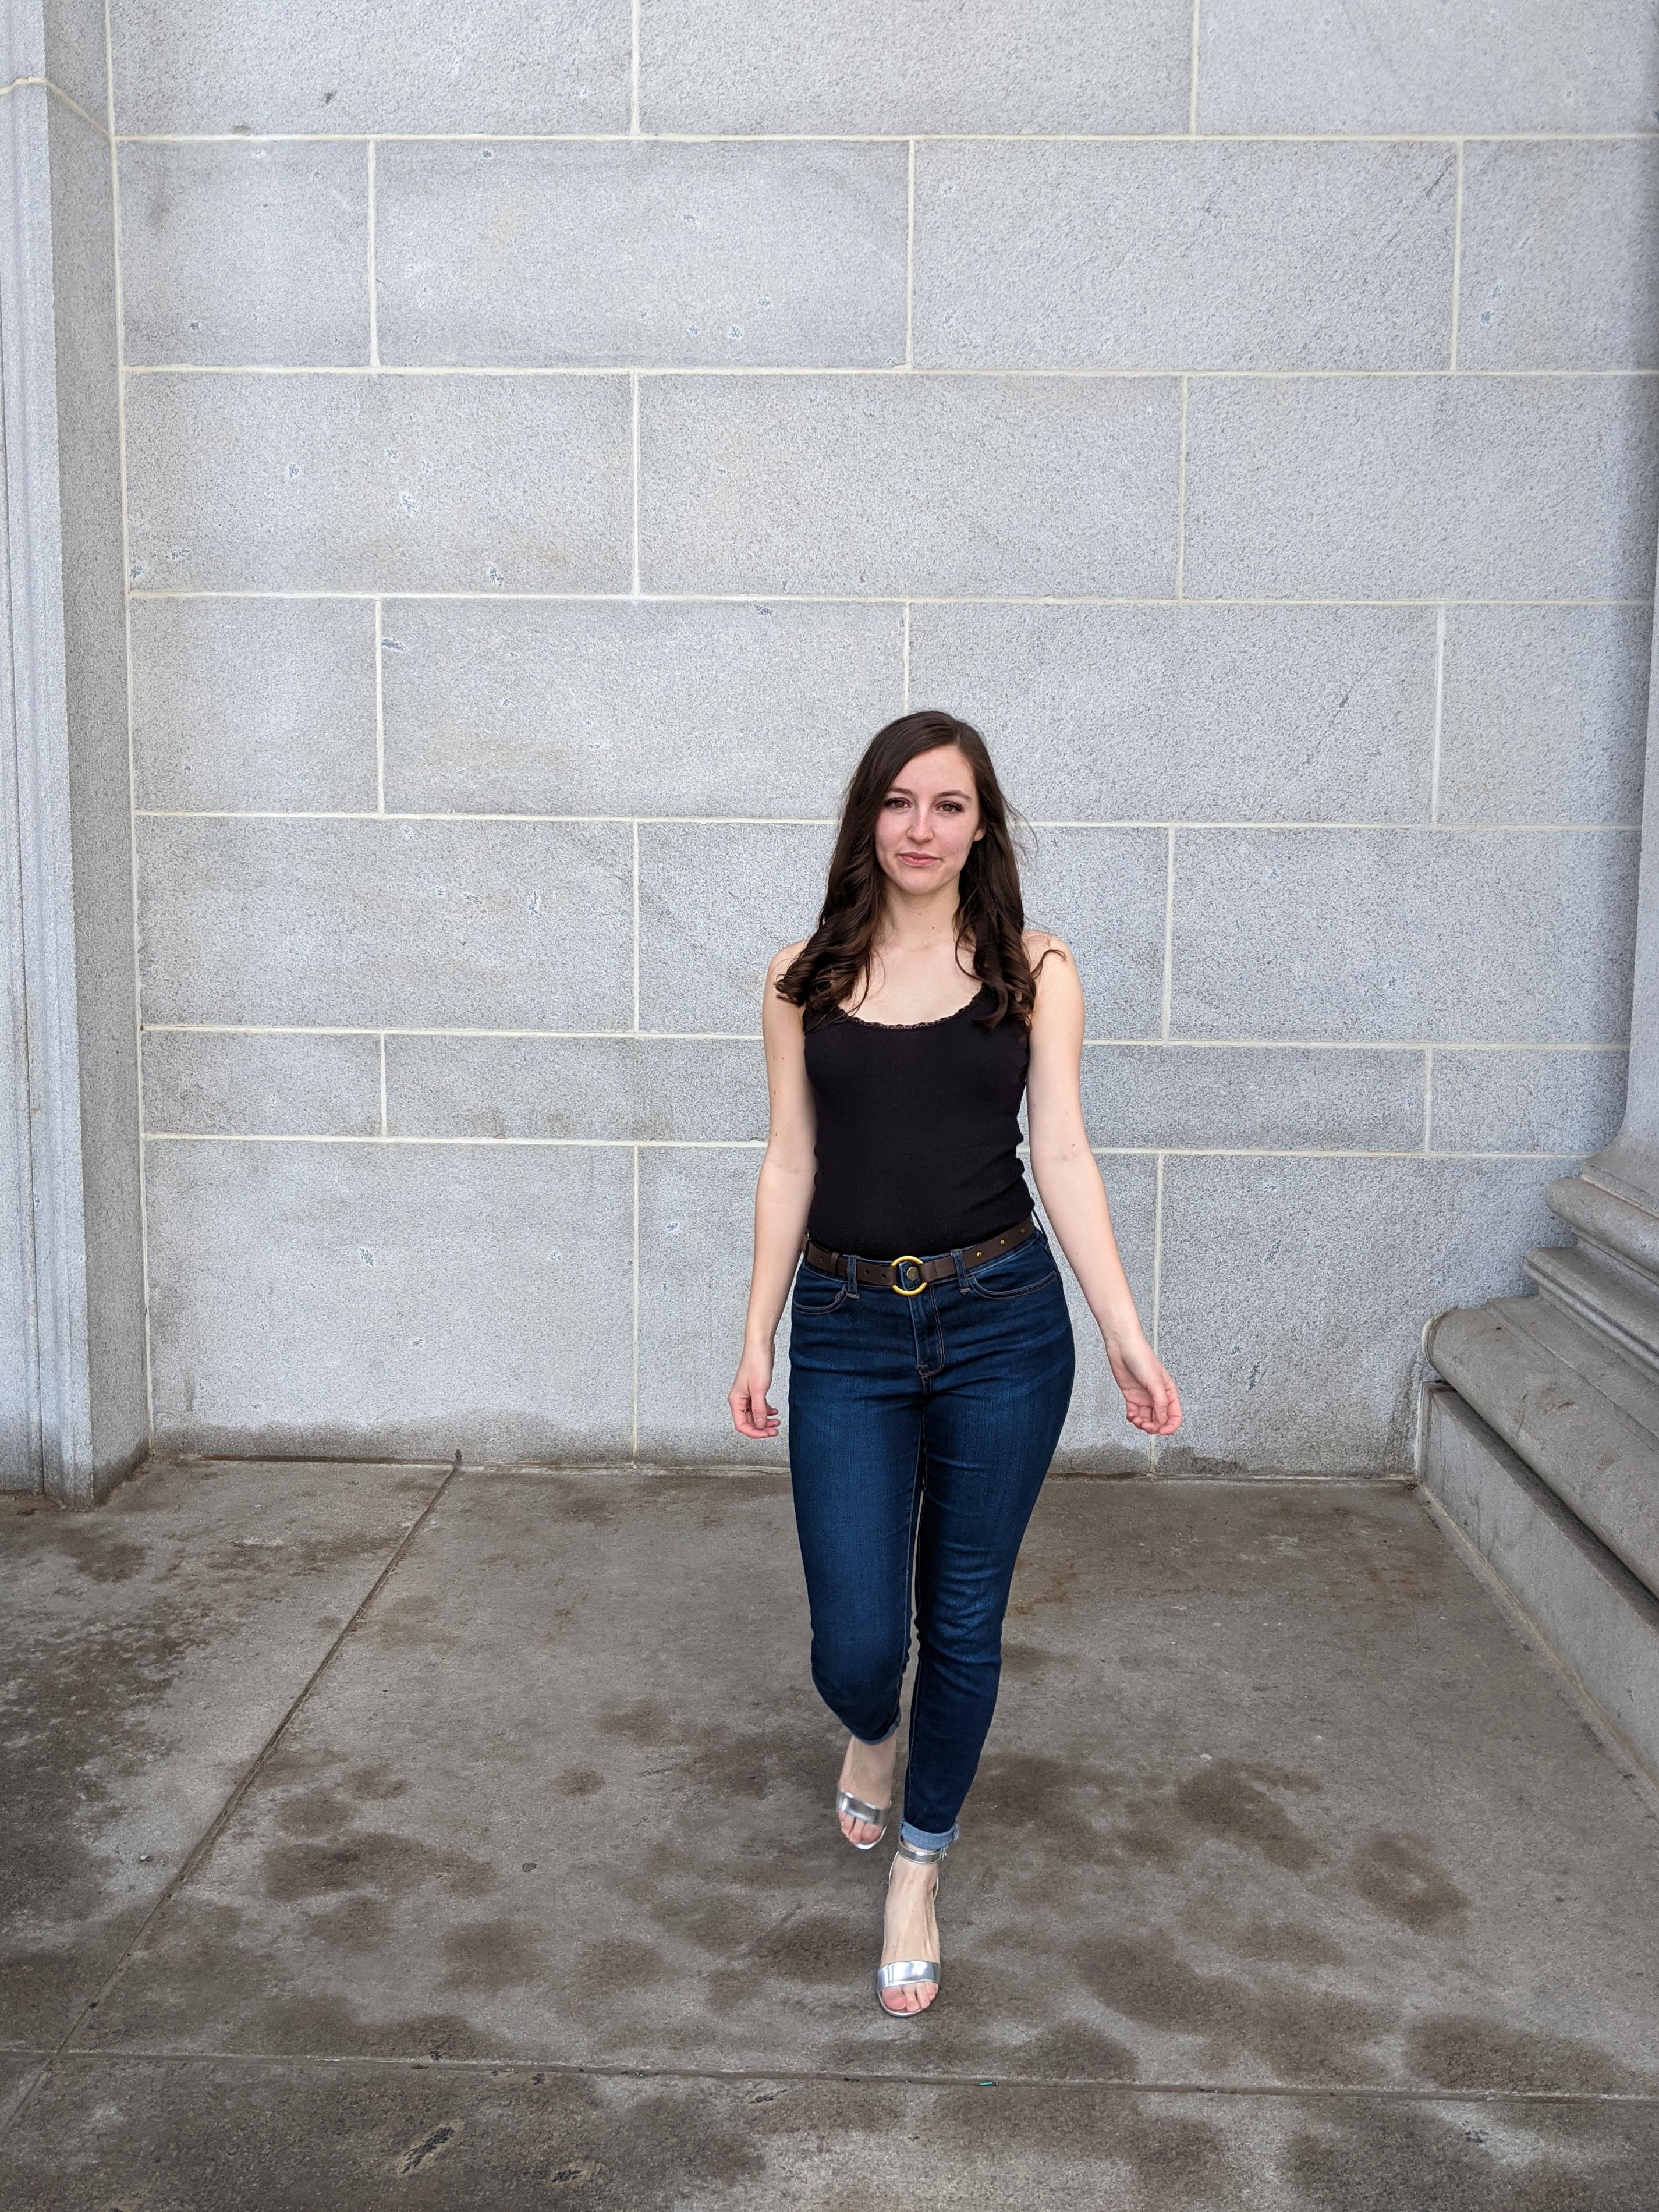 Denver Fashion Week, modeling, model casting call